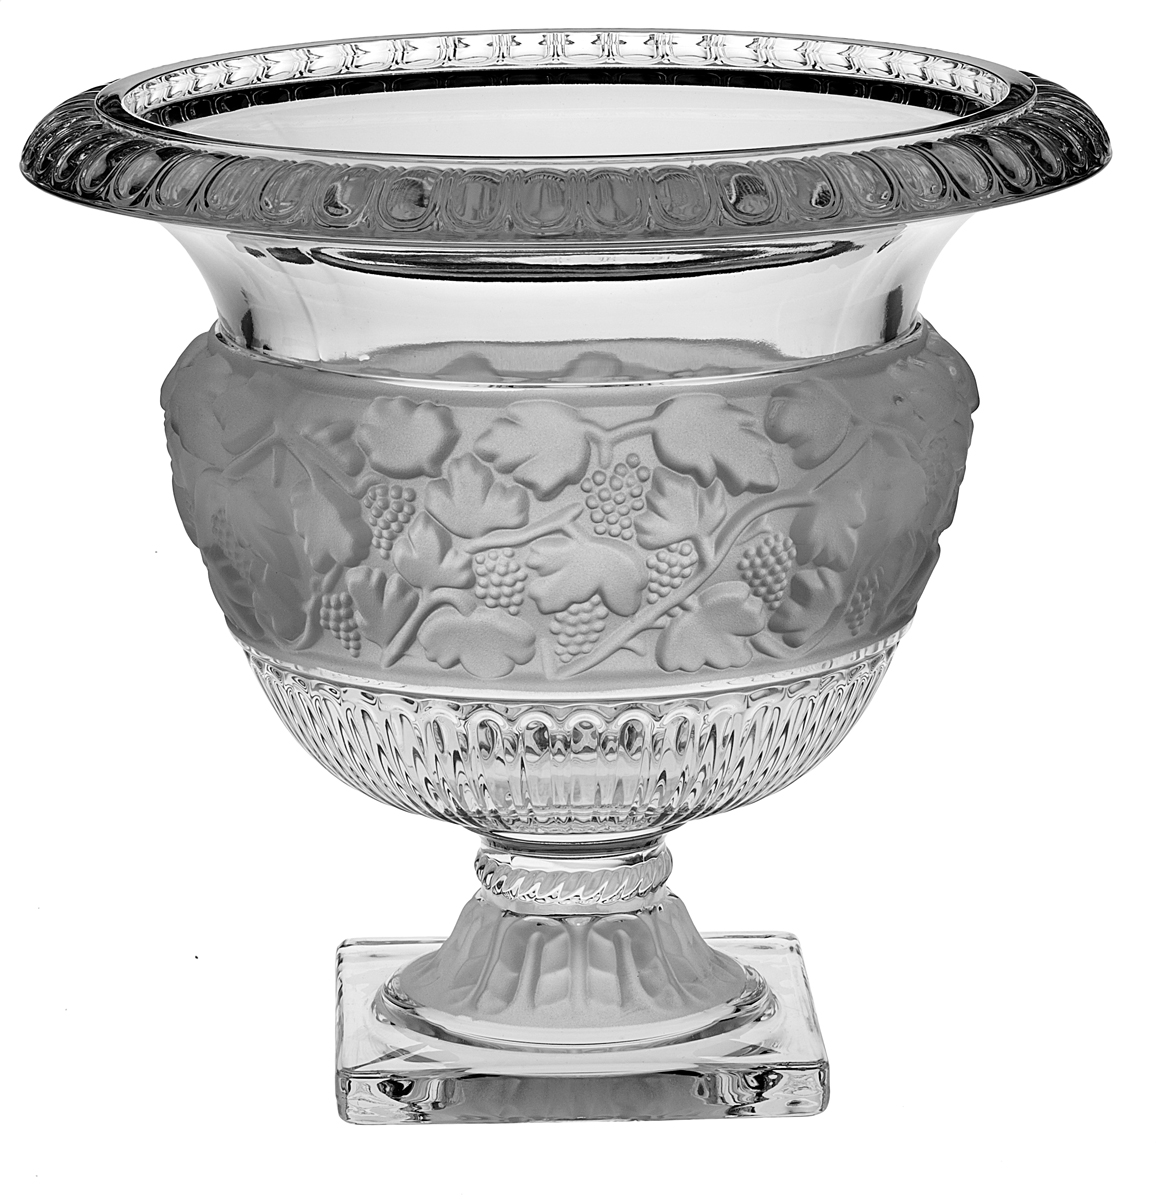 ваза crystal bohemia christie 25 5см хрусталь Ваза Crystal Bohemia Antique, на ножке, высота 25 см